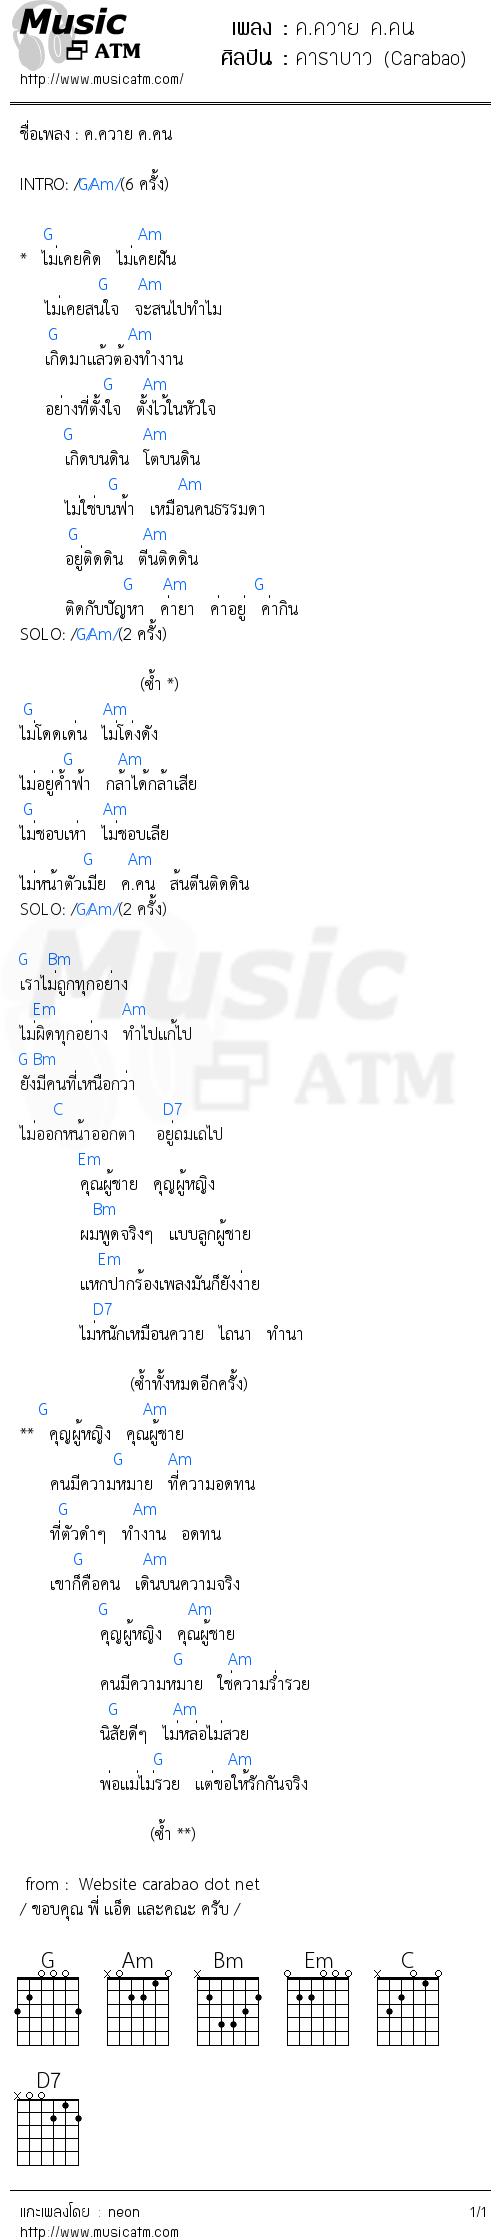 คอร์ดเพลง ค.ควาย ค.คน - คาราบาว (Carabao) | คอร์ดเพลงใหม่